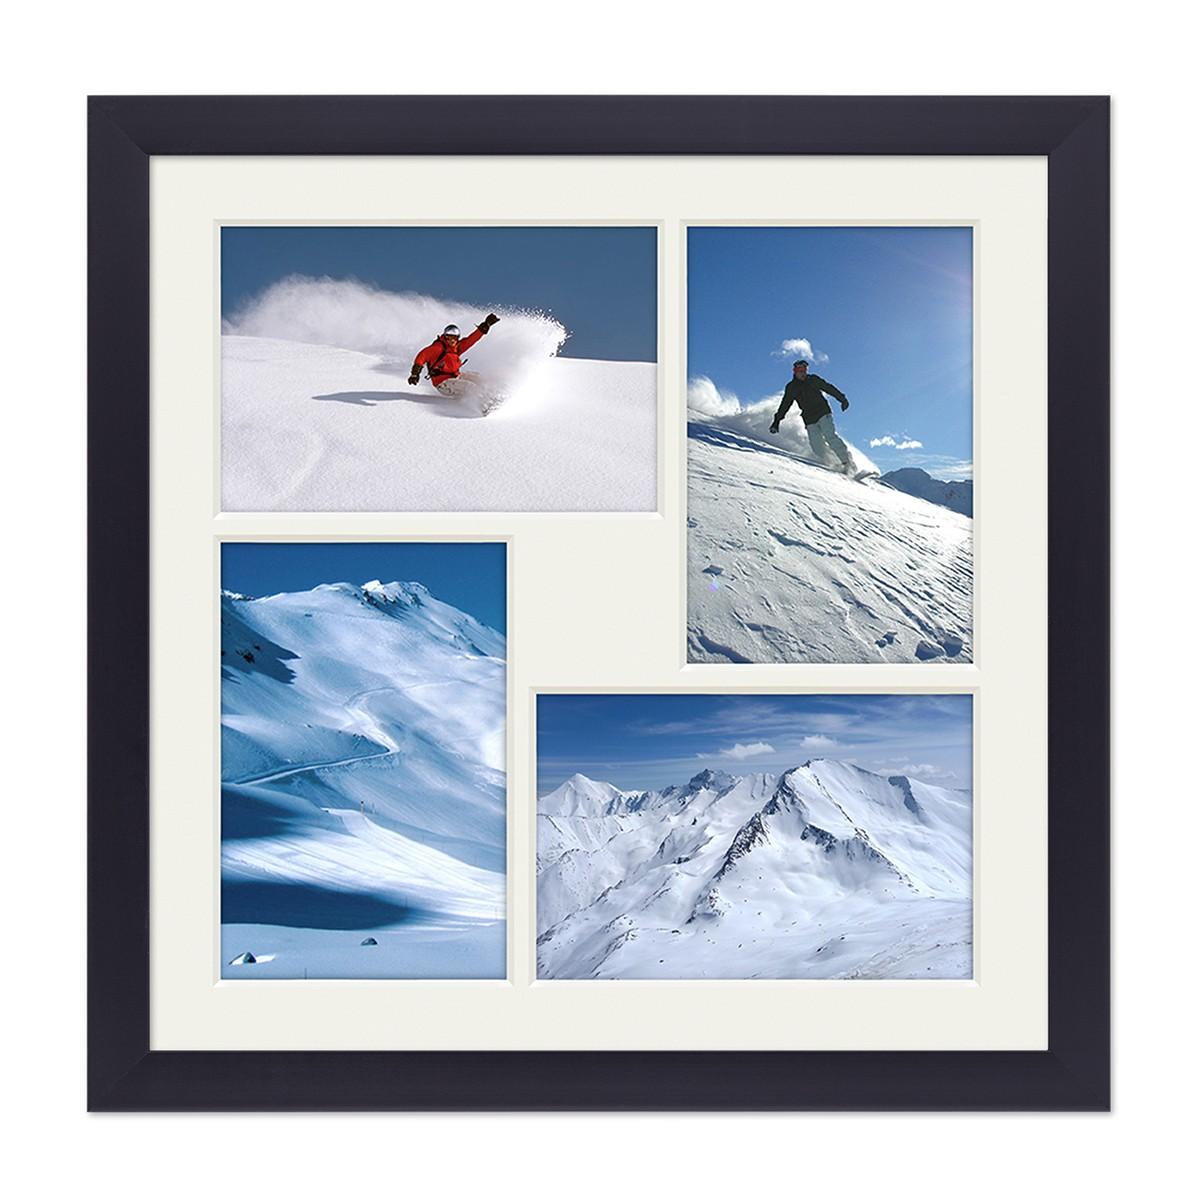 Fotocollage-Bilderrahmen 30x30 cm Modern Schwarz Collagerahmen ...